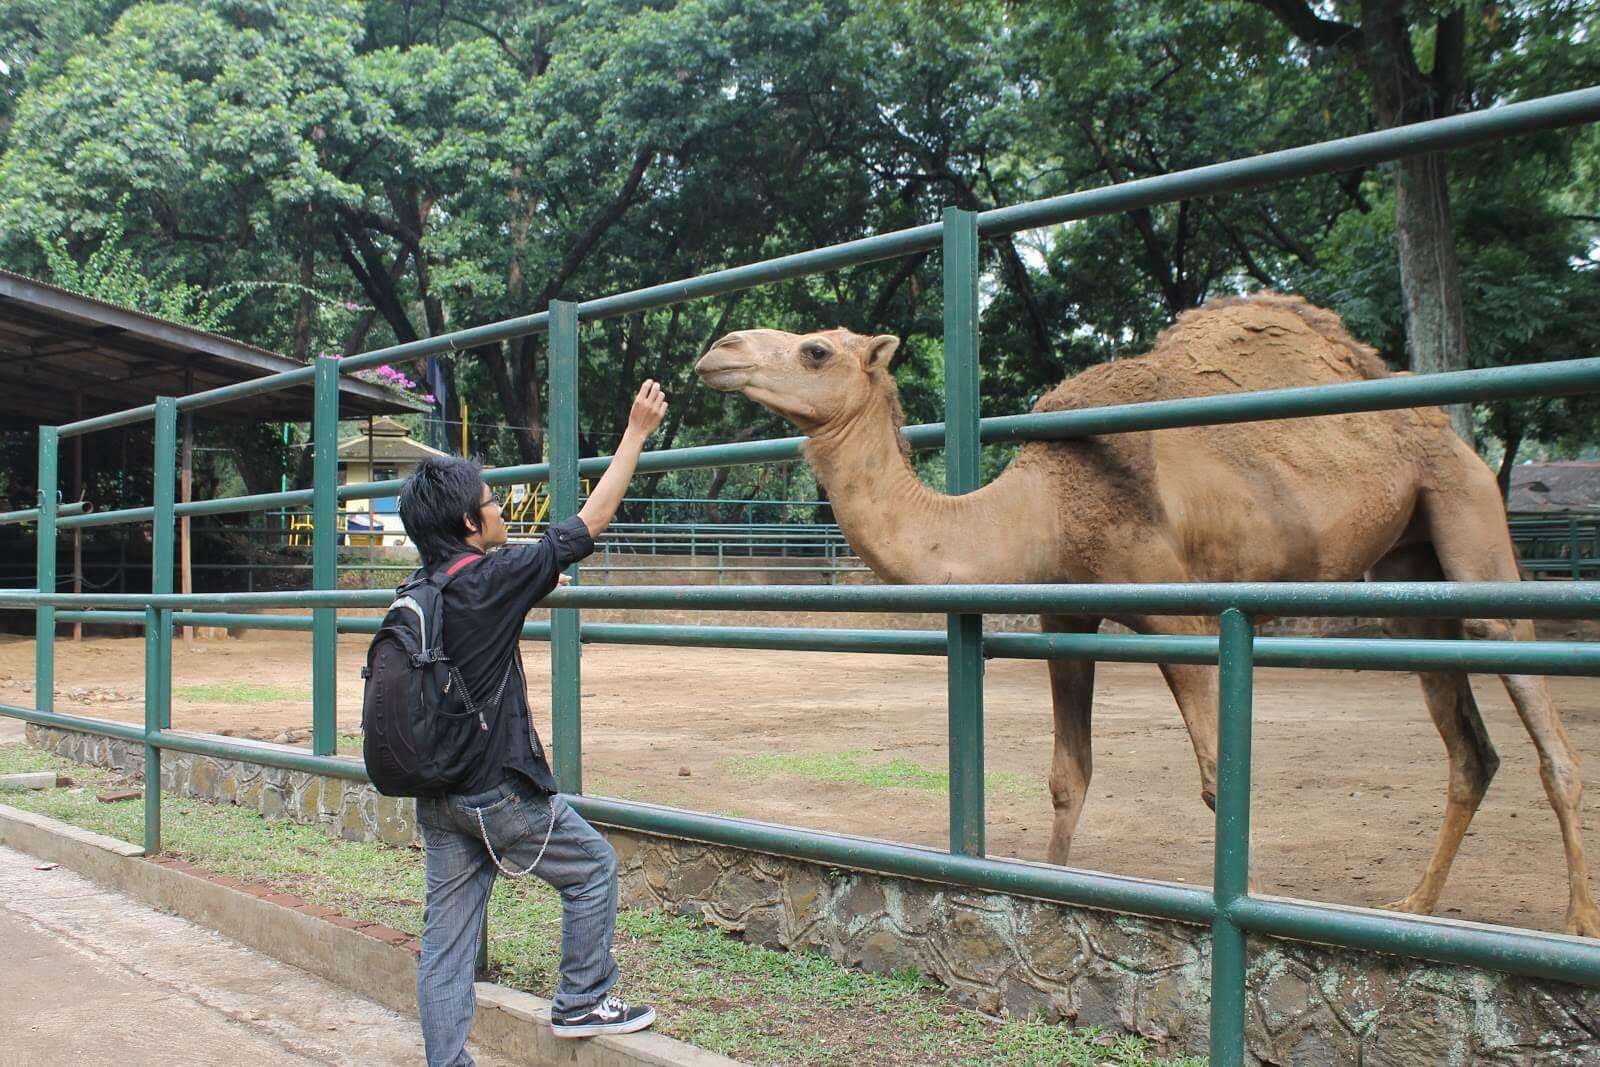 حديقة حيوانات باندونق اندونيسيا